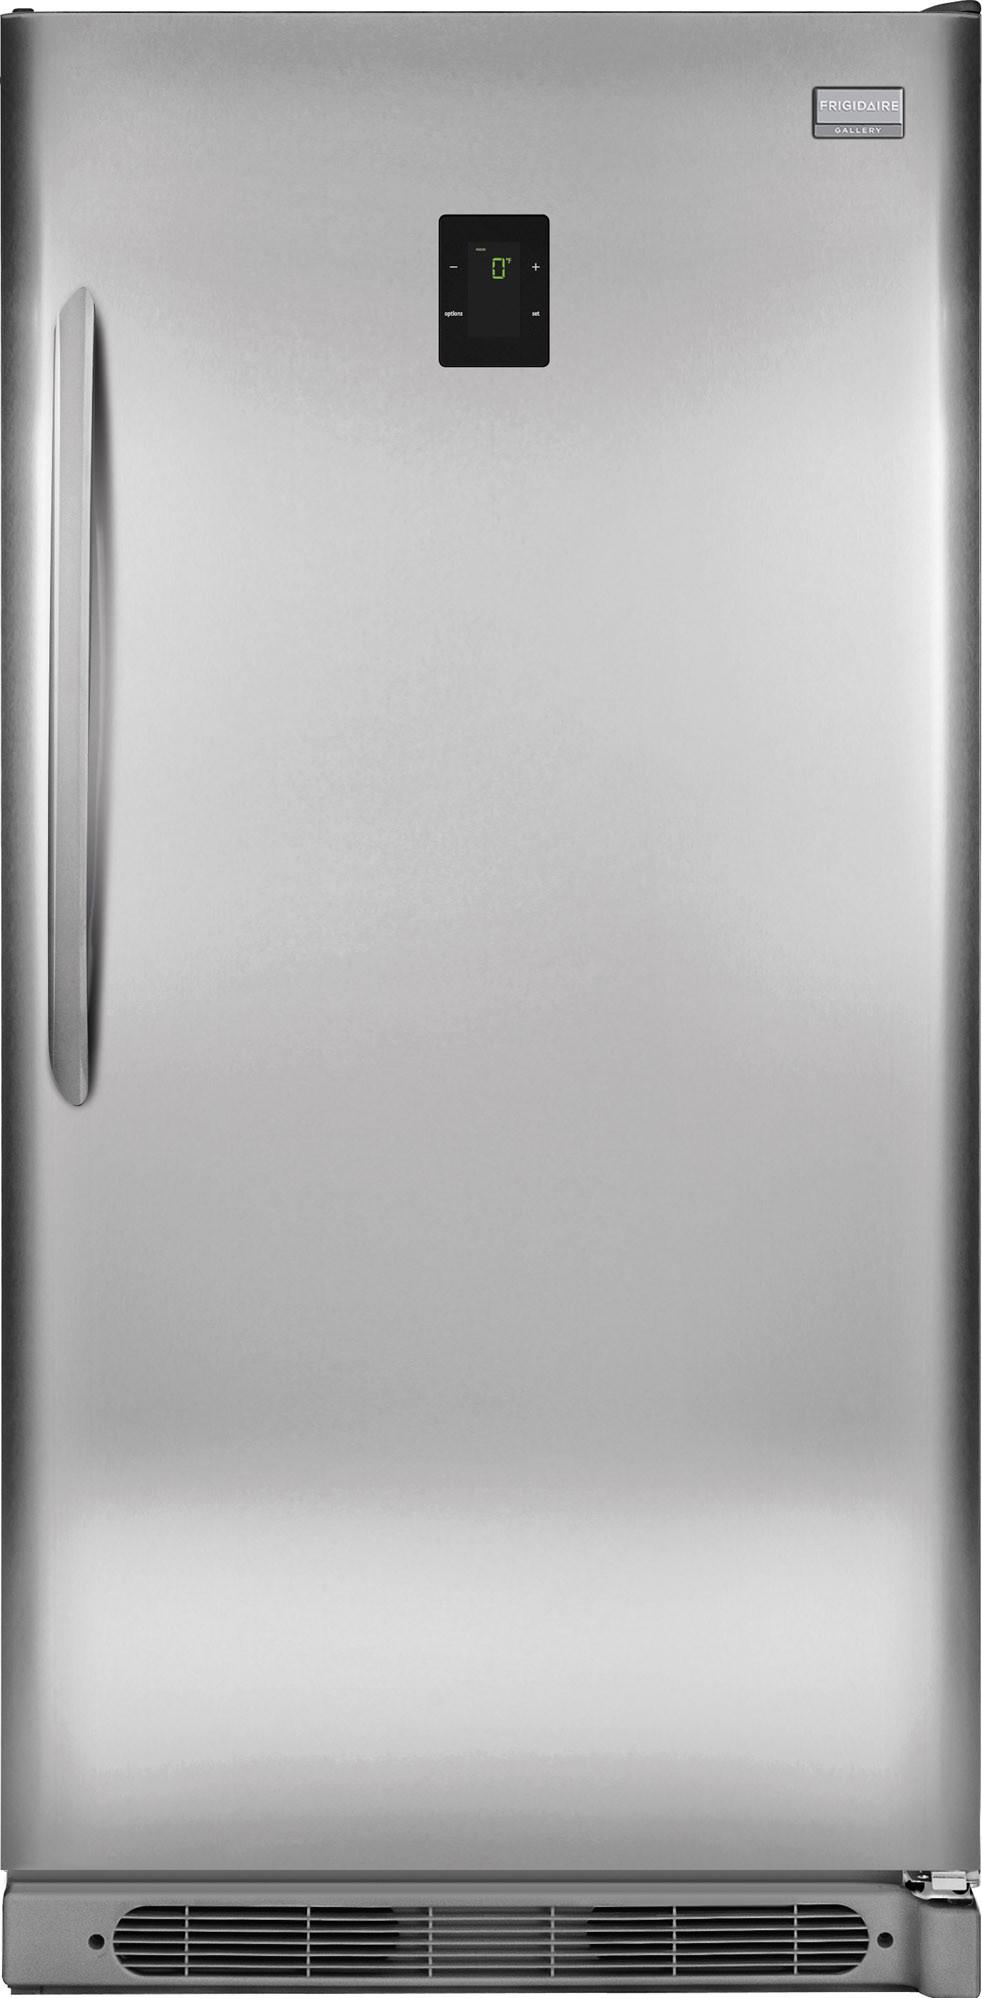 Frigidaire Fgvu17f8qf 34 Inch Refrigerator With 17 0 Cu